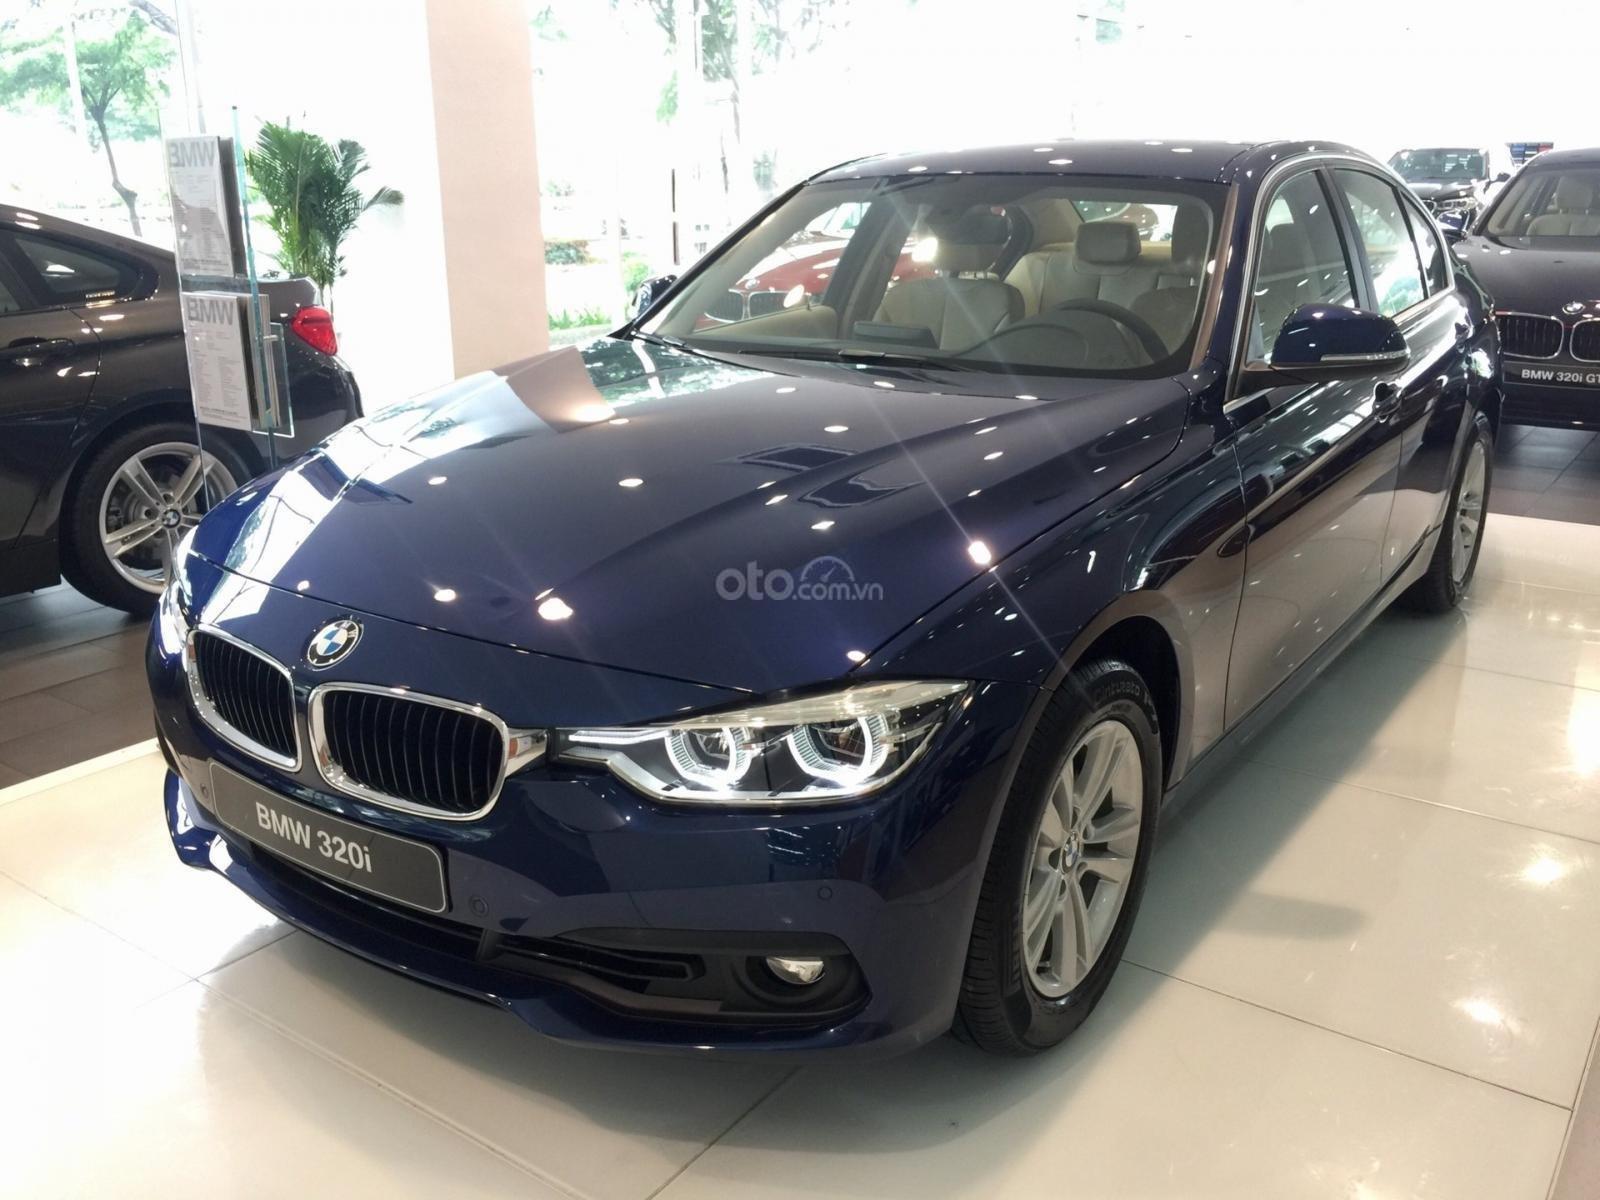 Bán xe BMW 320i đời 2019, màu xanh lam, nhập khẩu nguyên chiếc (2)